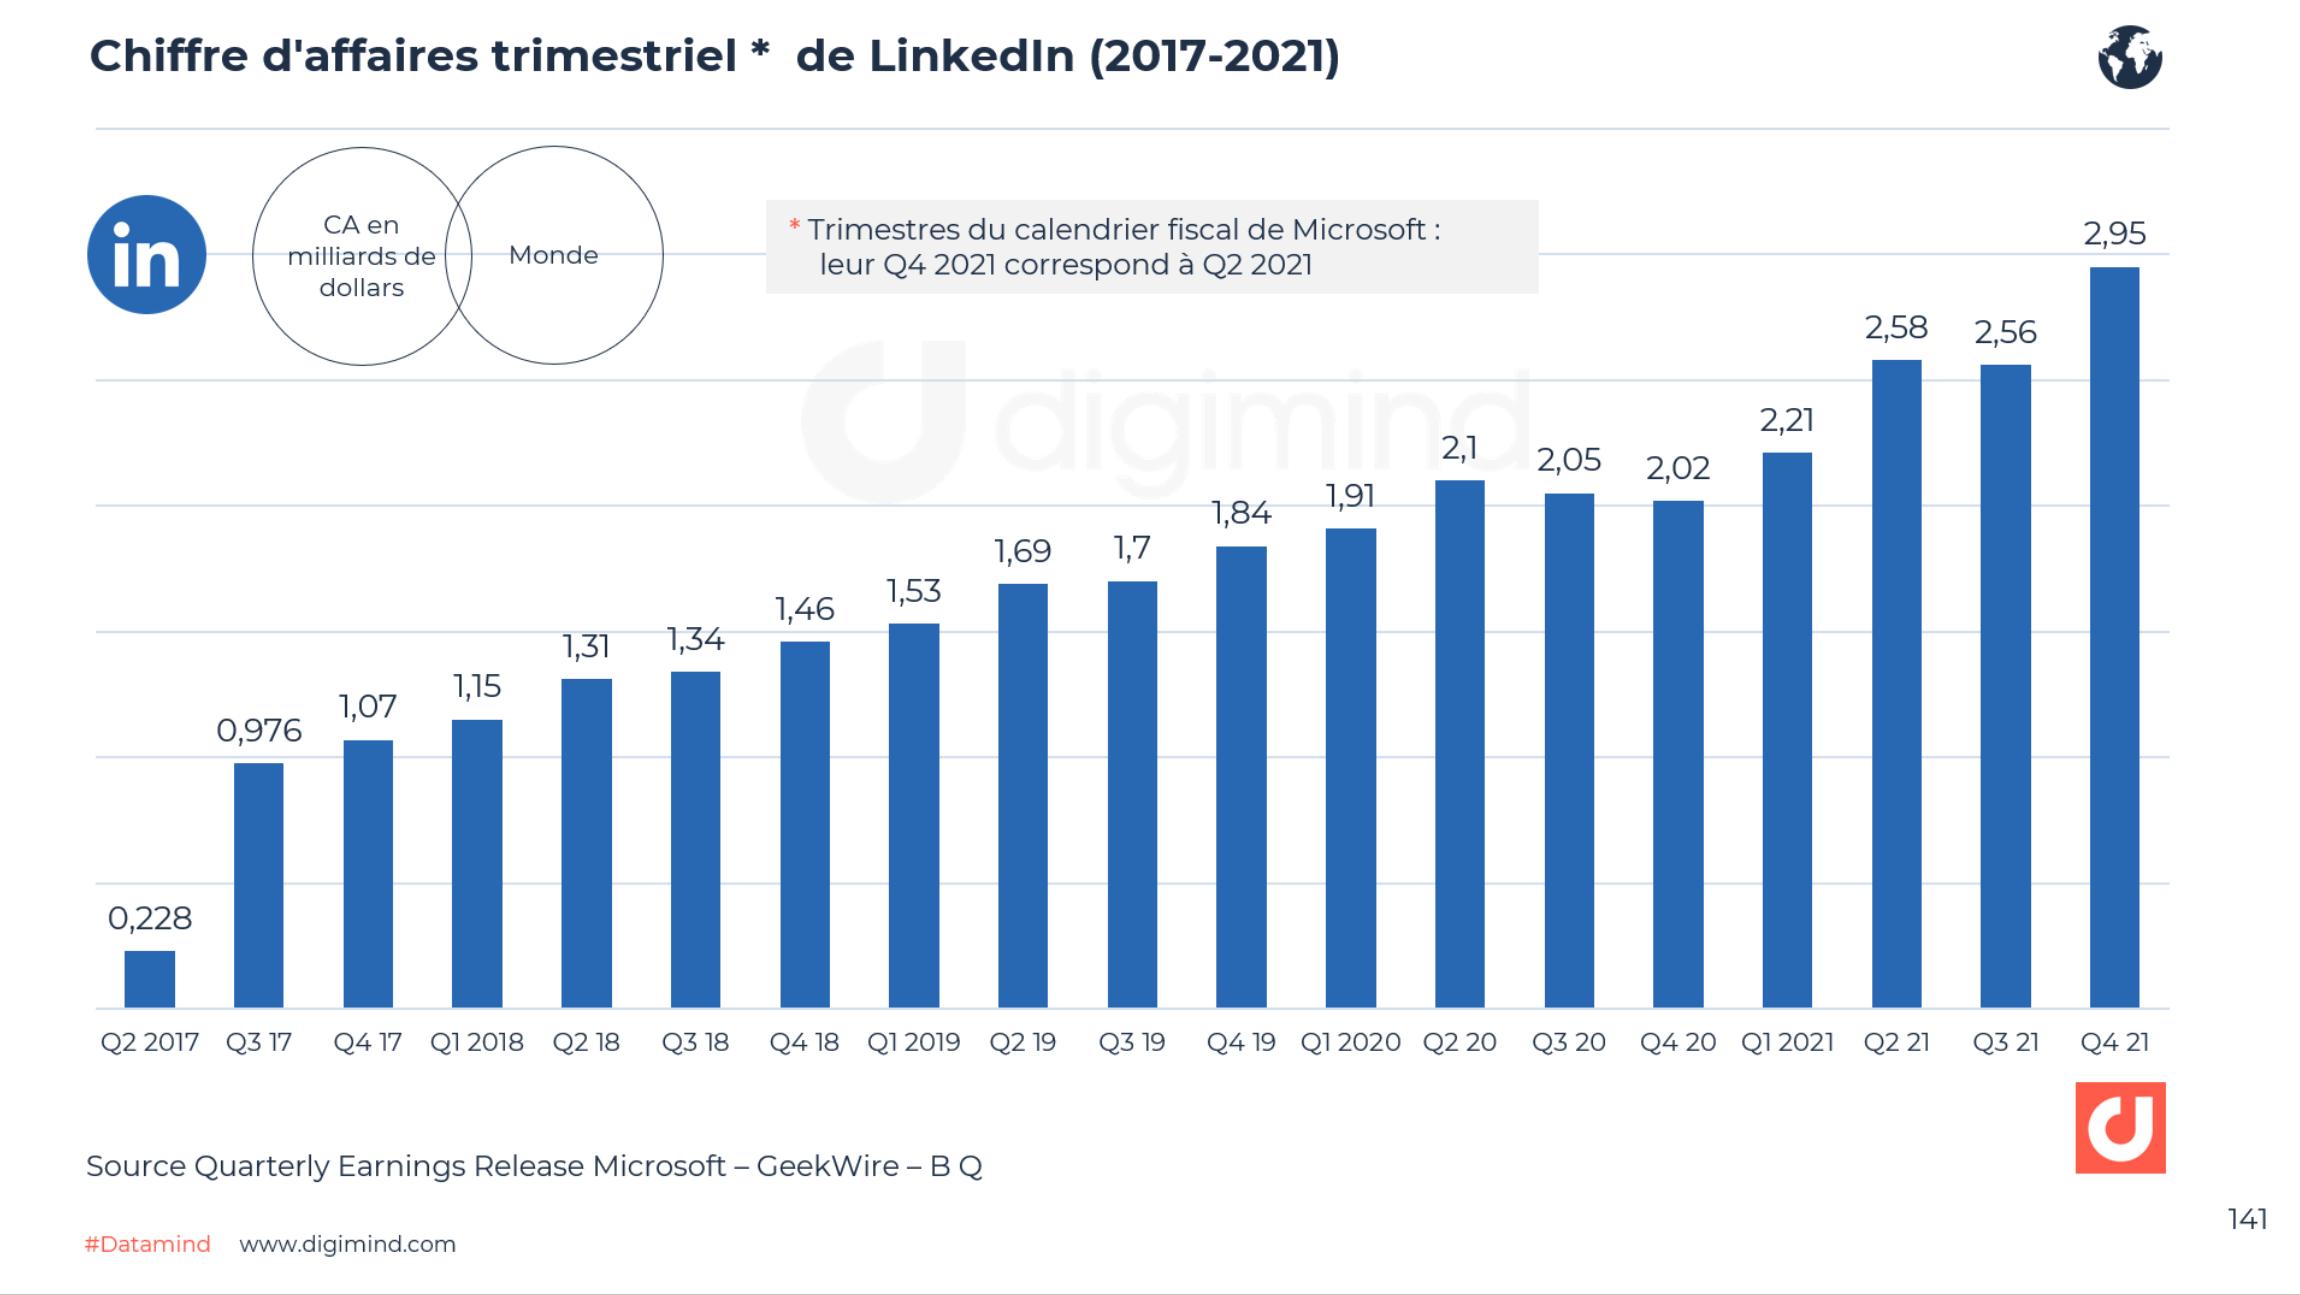 Chiffre d'affaires trimestriel de LinkedIn (2017-2021). Source : Microsoft quarterly earnings releases